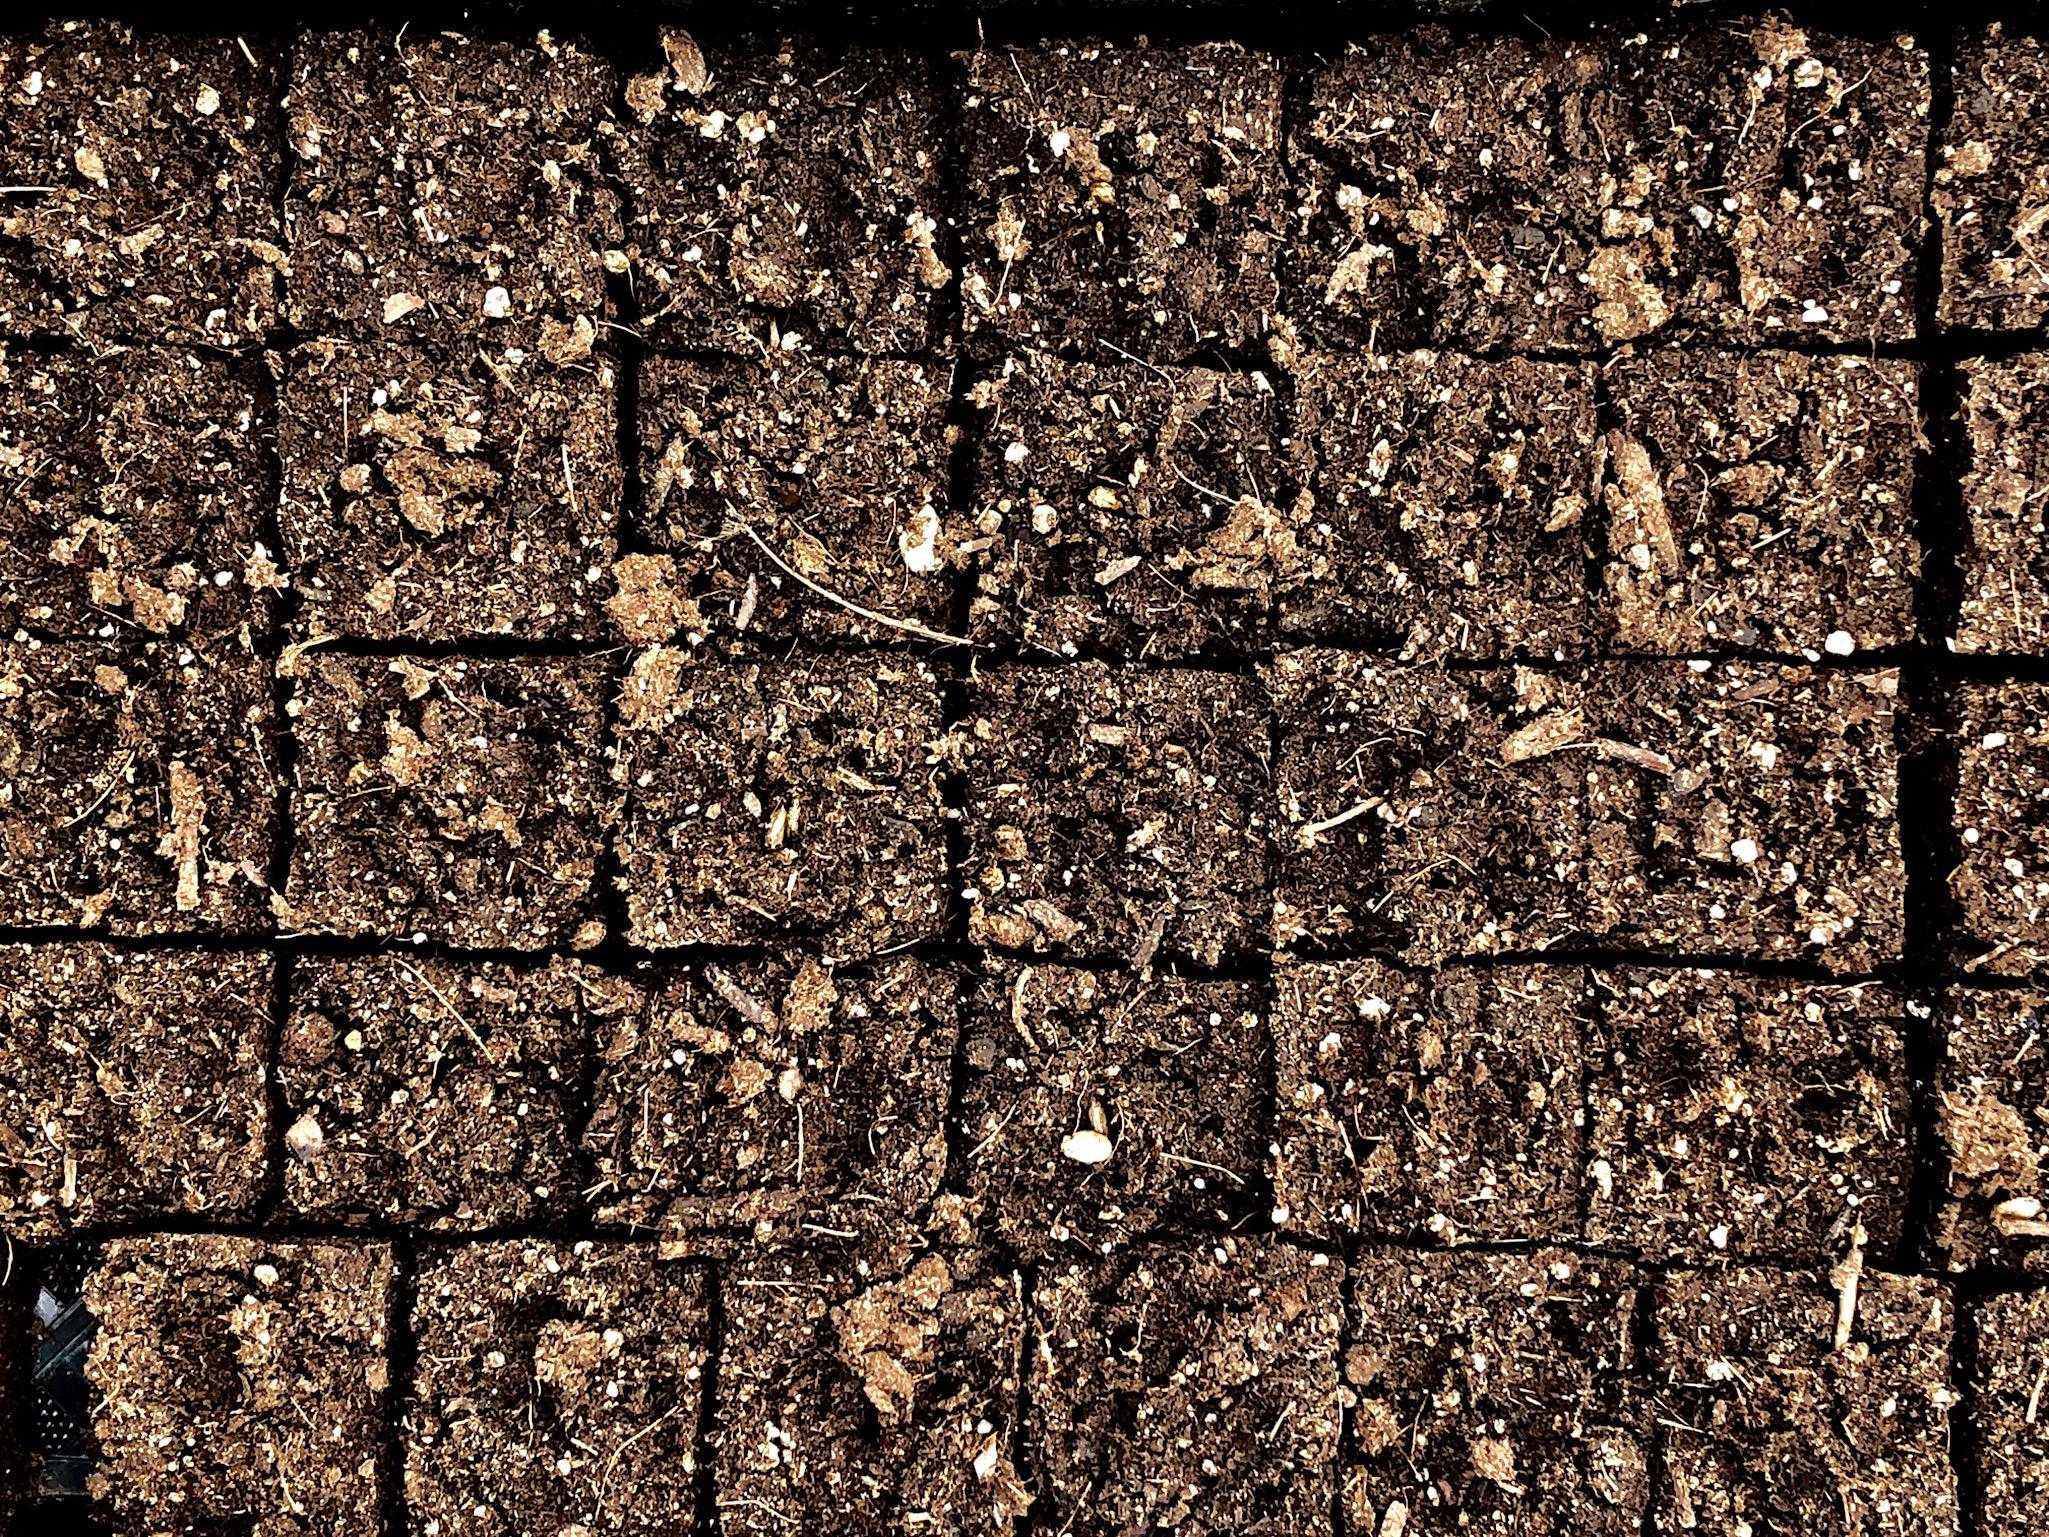 1737_SP_417 soil blocks from vicki johnson.jpg